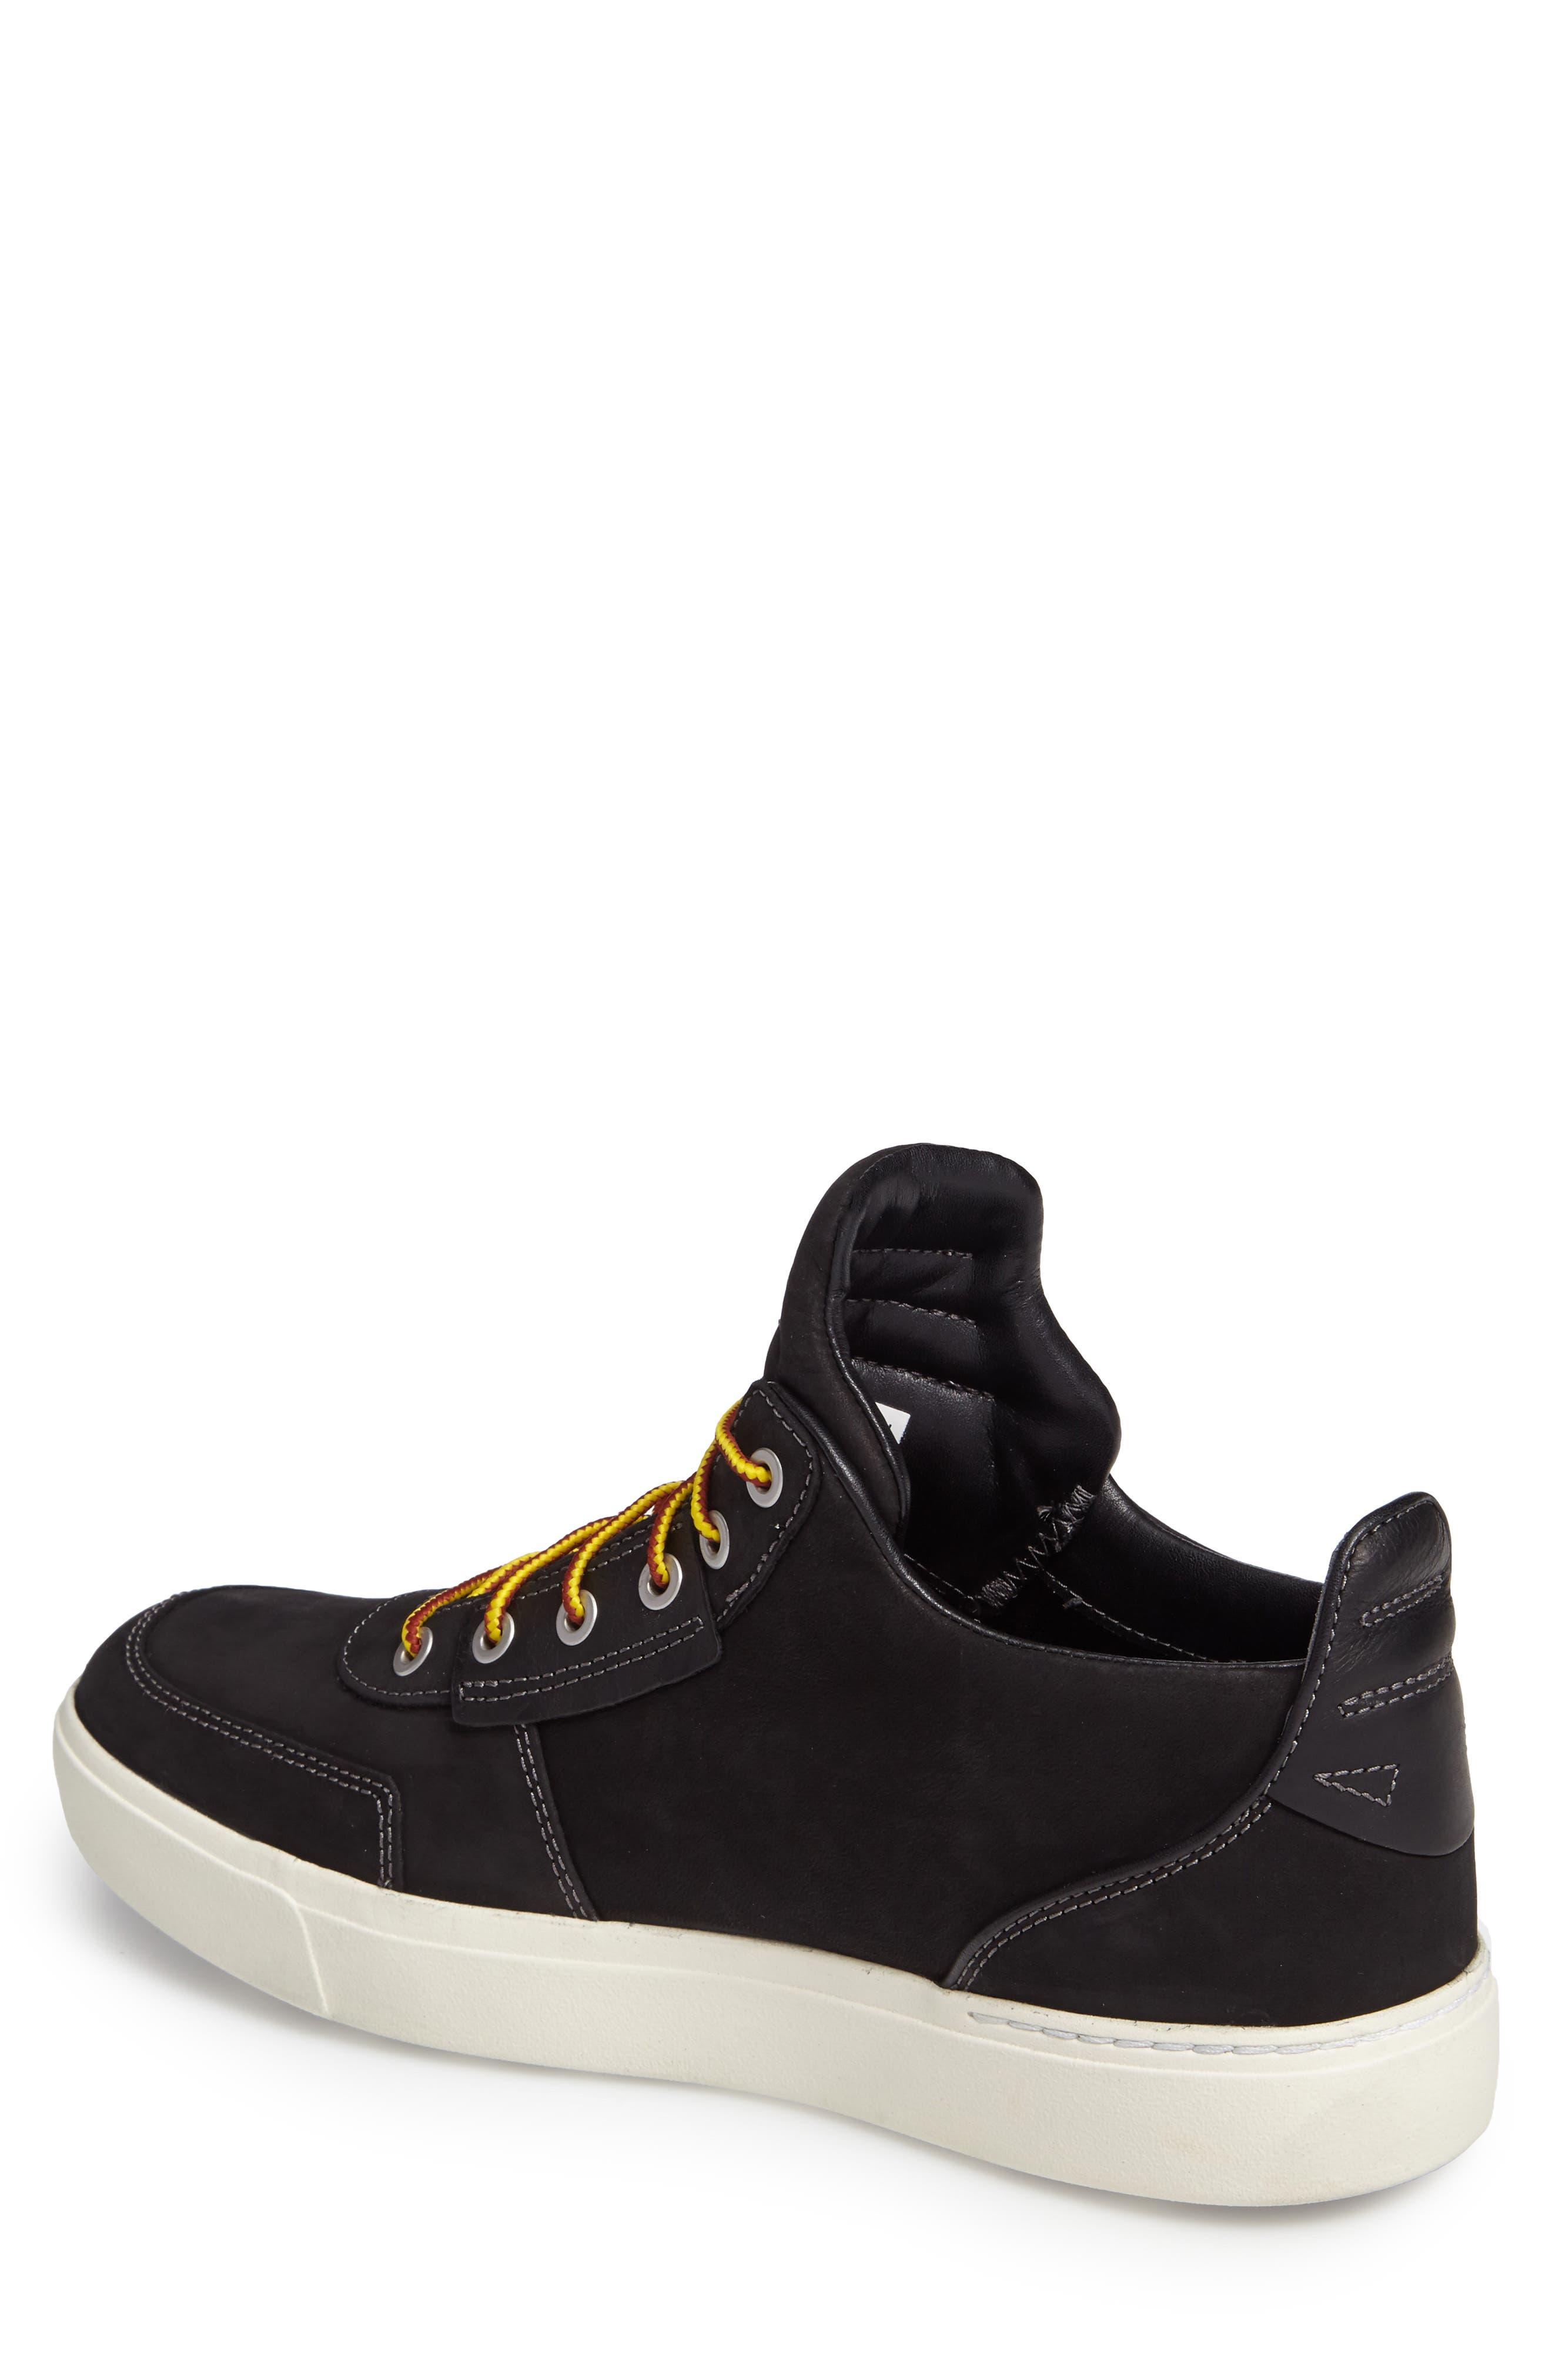 Amherst Chukka Sneaker,                             Alternate thumbnail 2, color,                             001